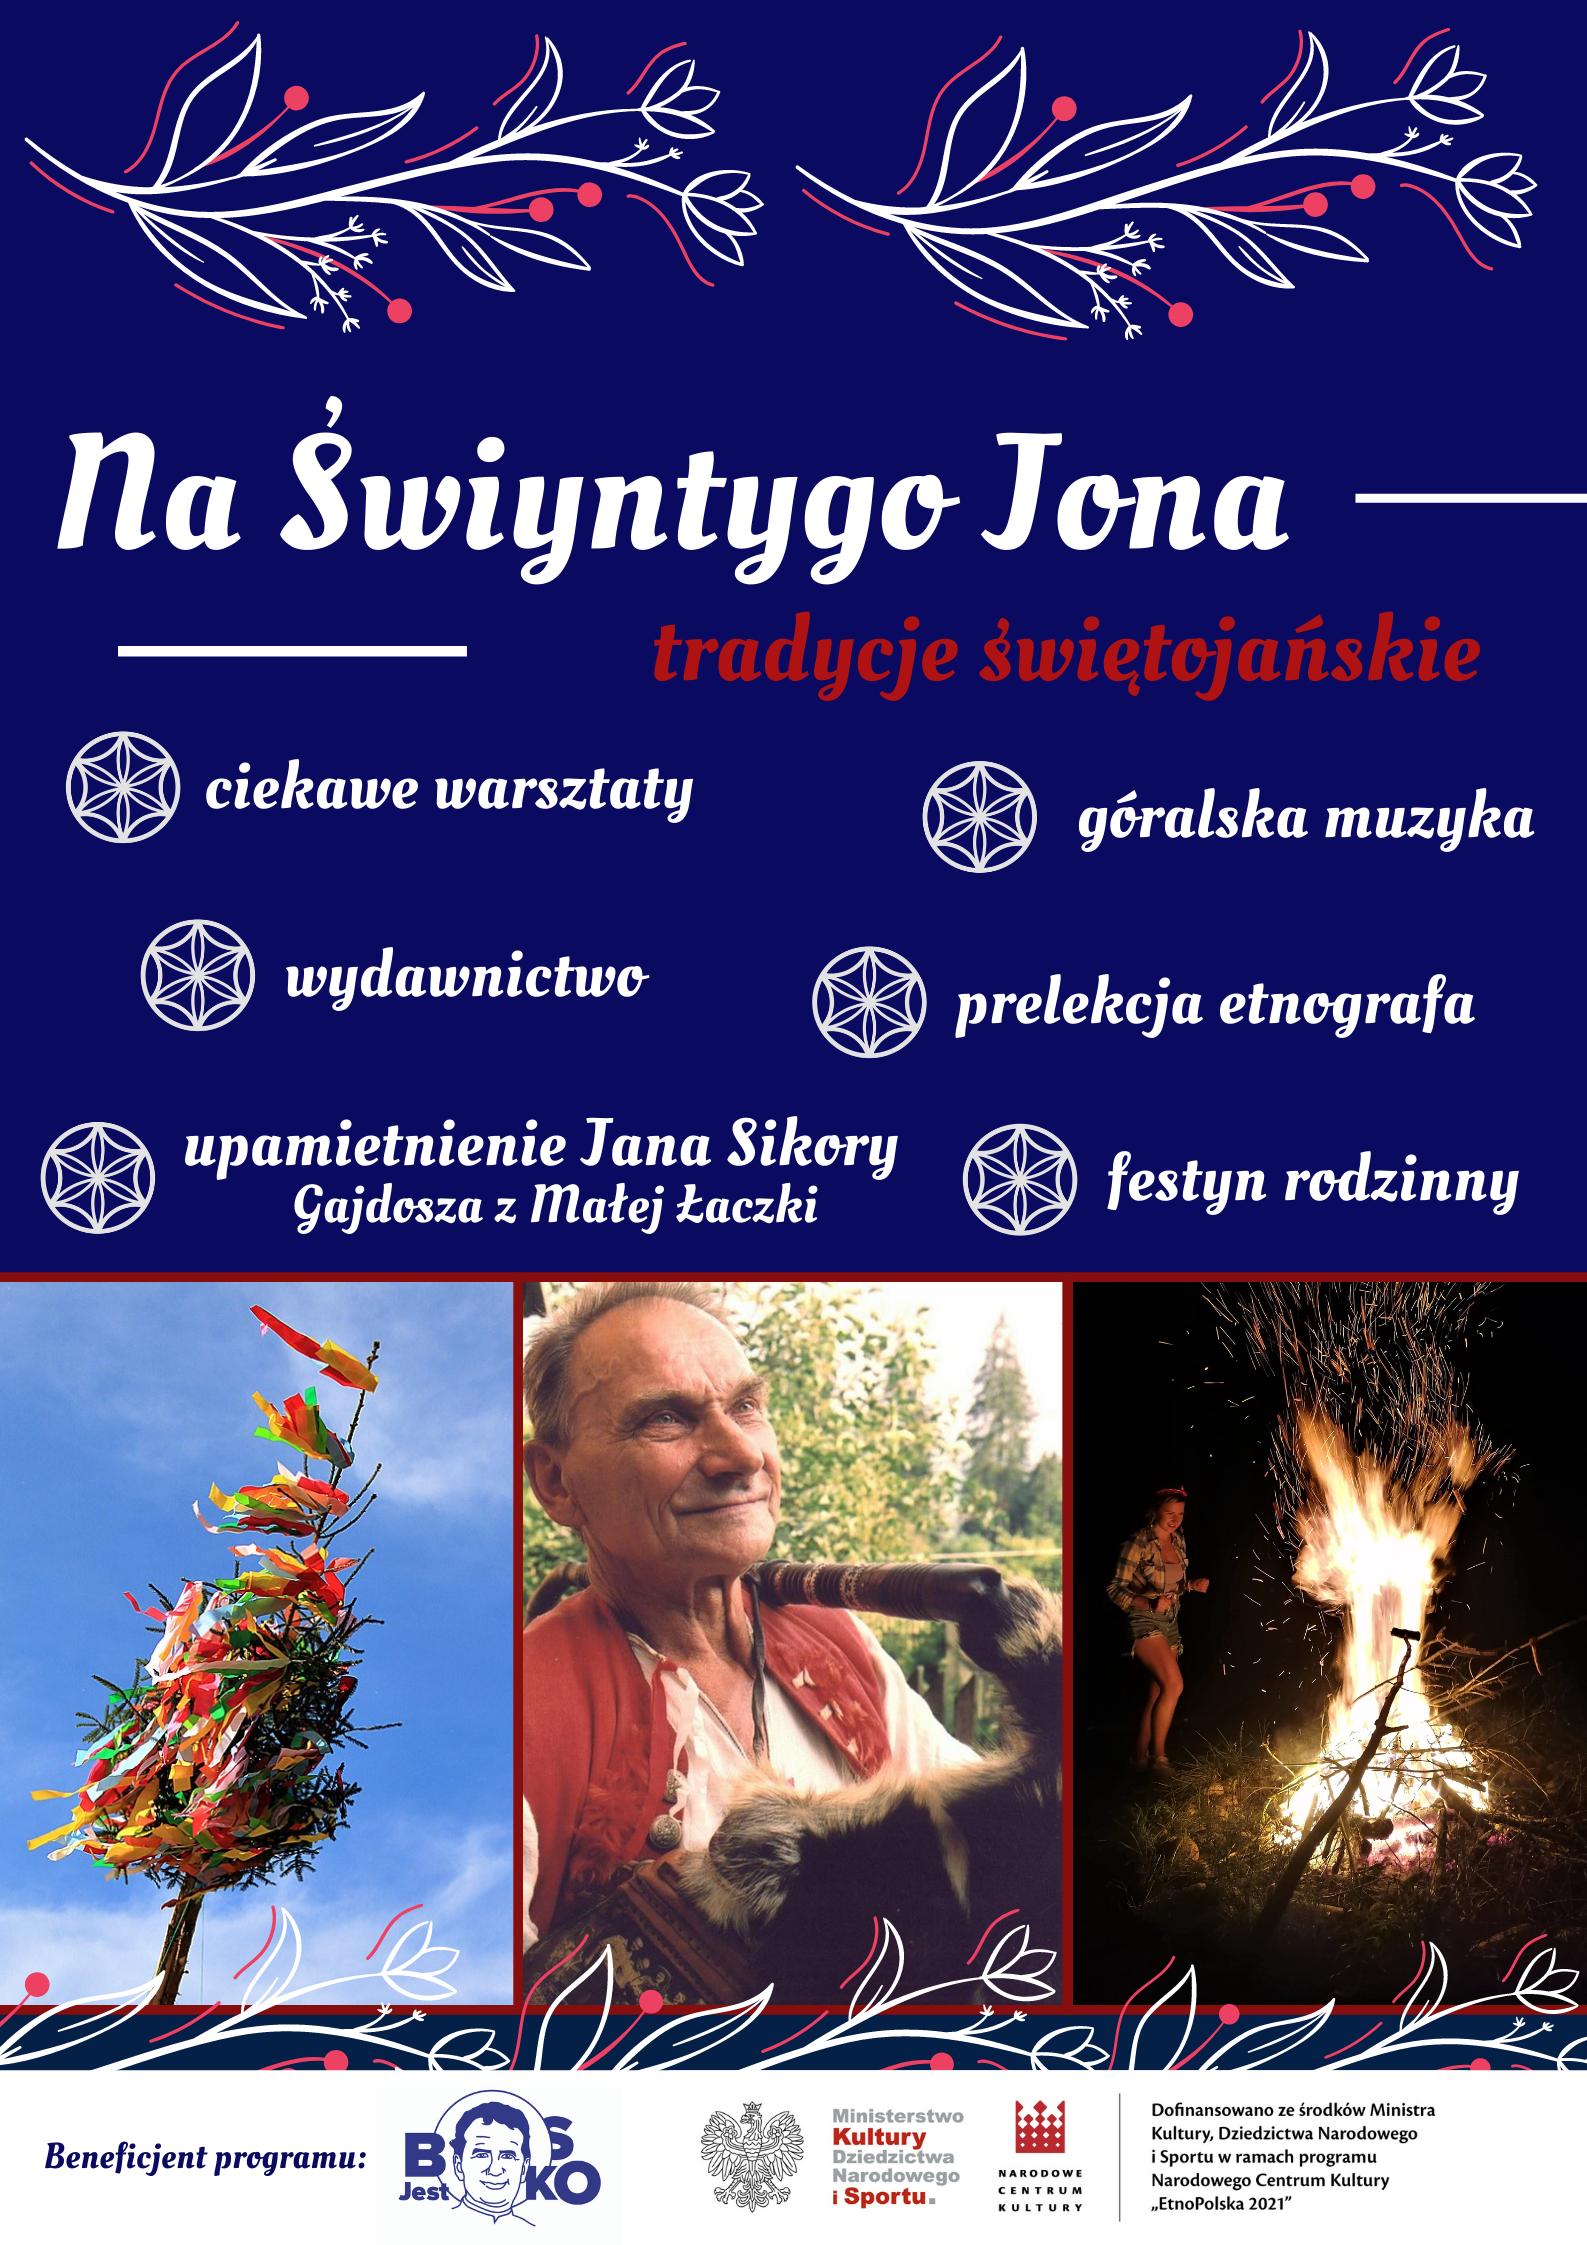 Na świyntygo Jona - tradycje świętojańskie